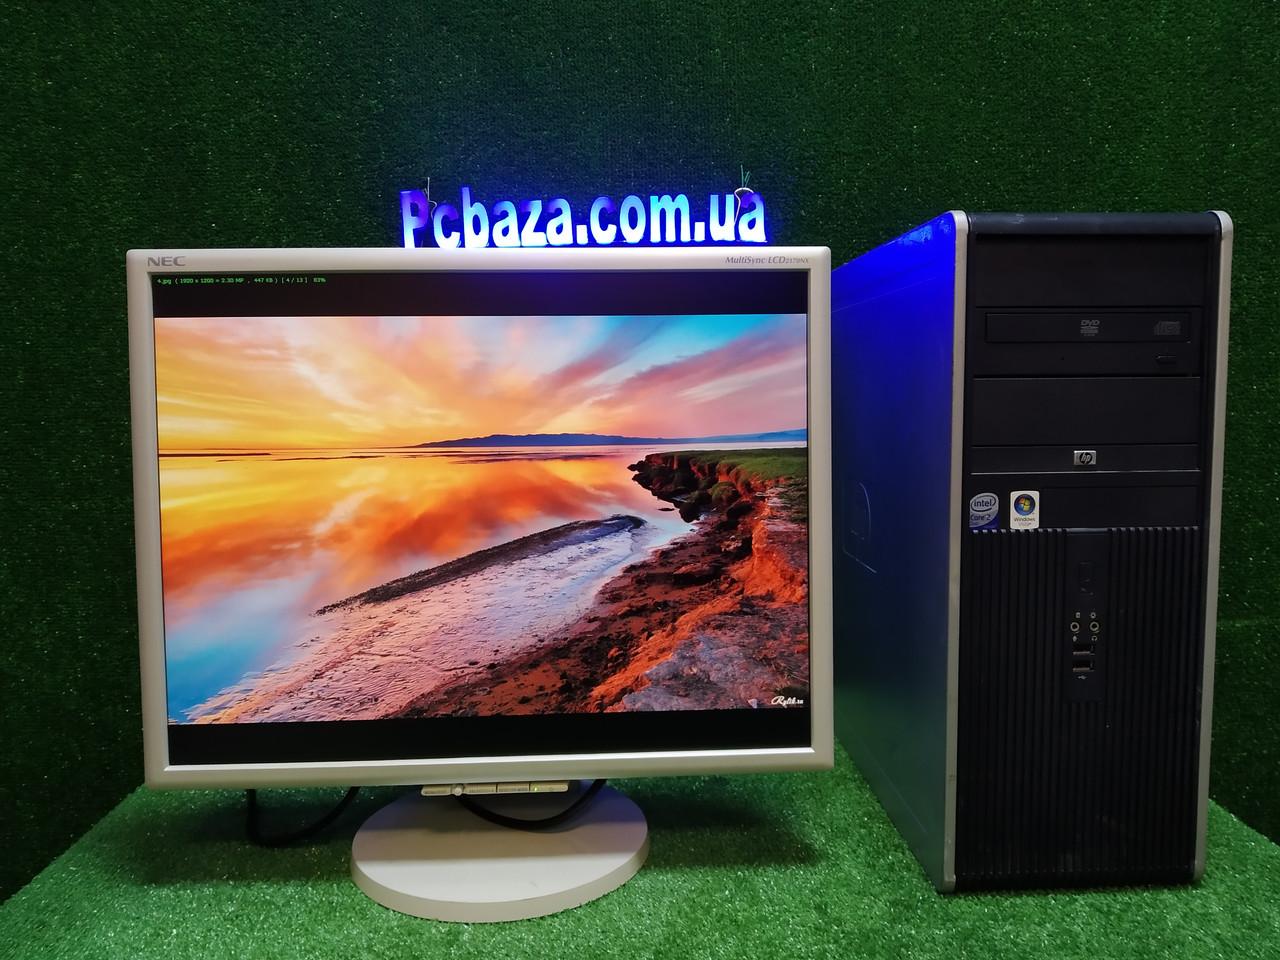 """ПК HP + мон 22"""" PVA NEC, Intel E7500 2.93Ггц, 4 ГБ, 160 ГБ Настроен! Для длительной работы за компьютером"""